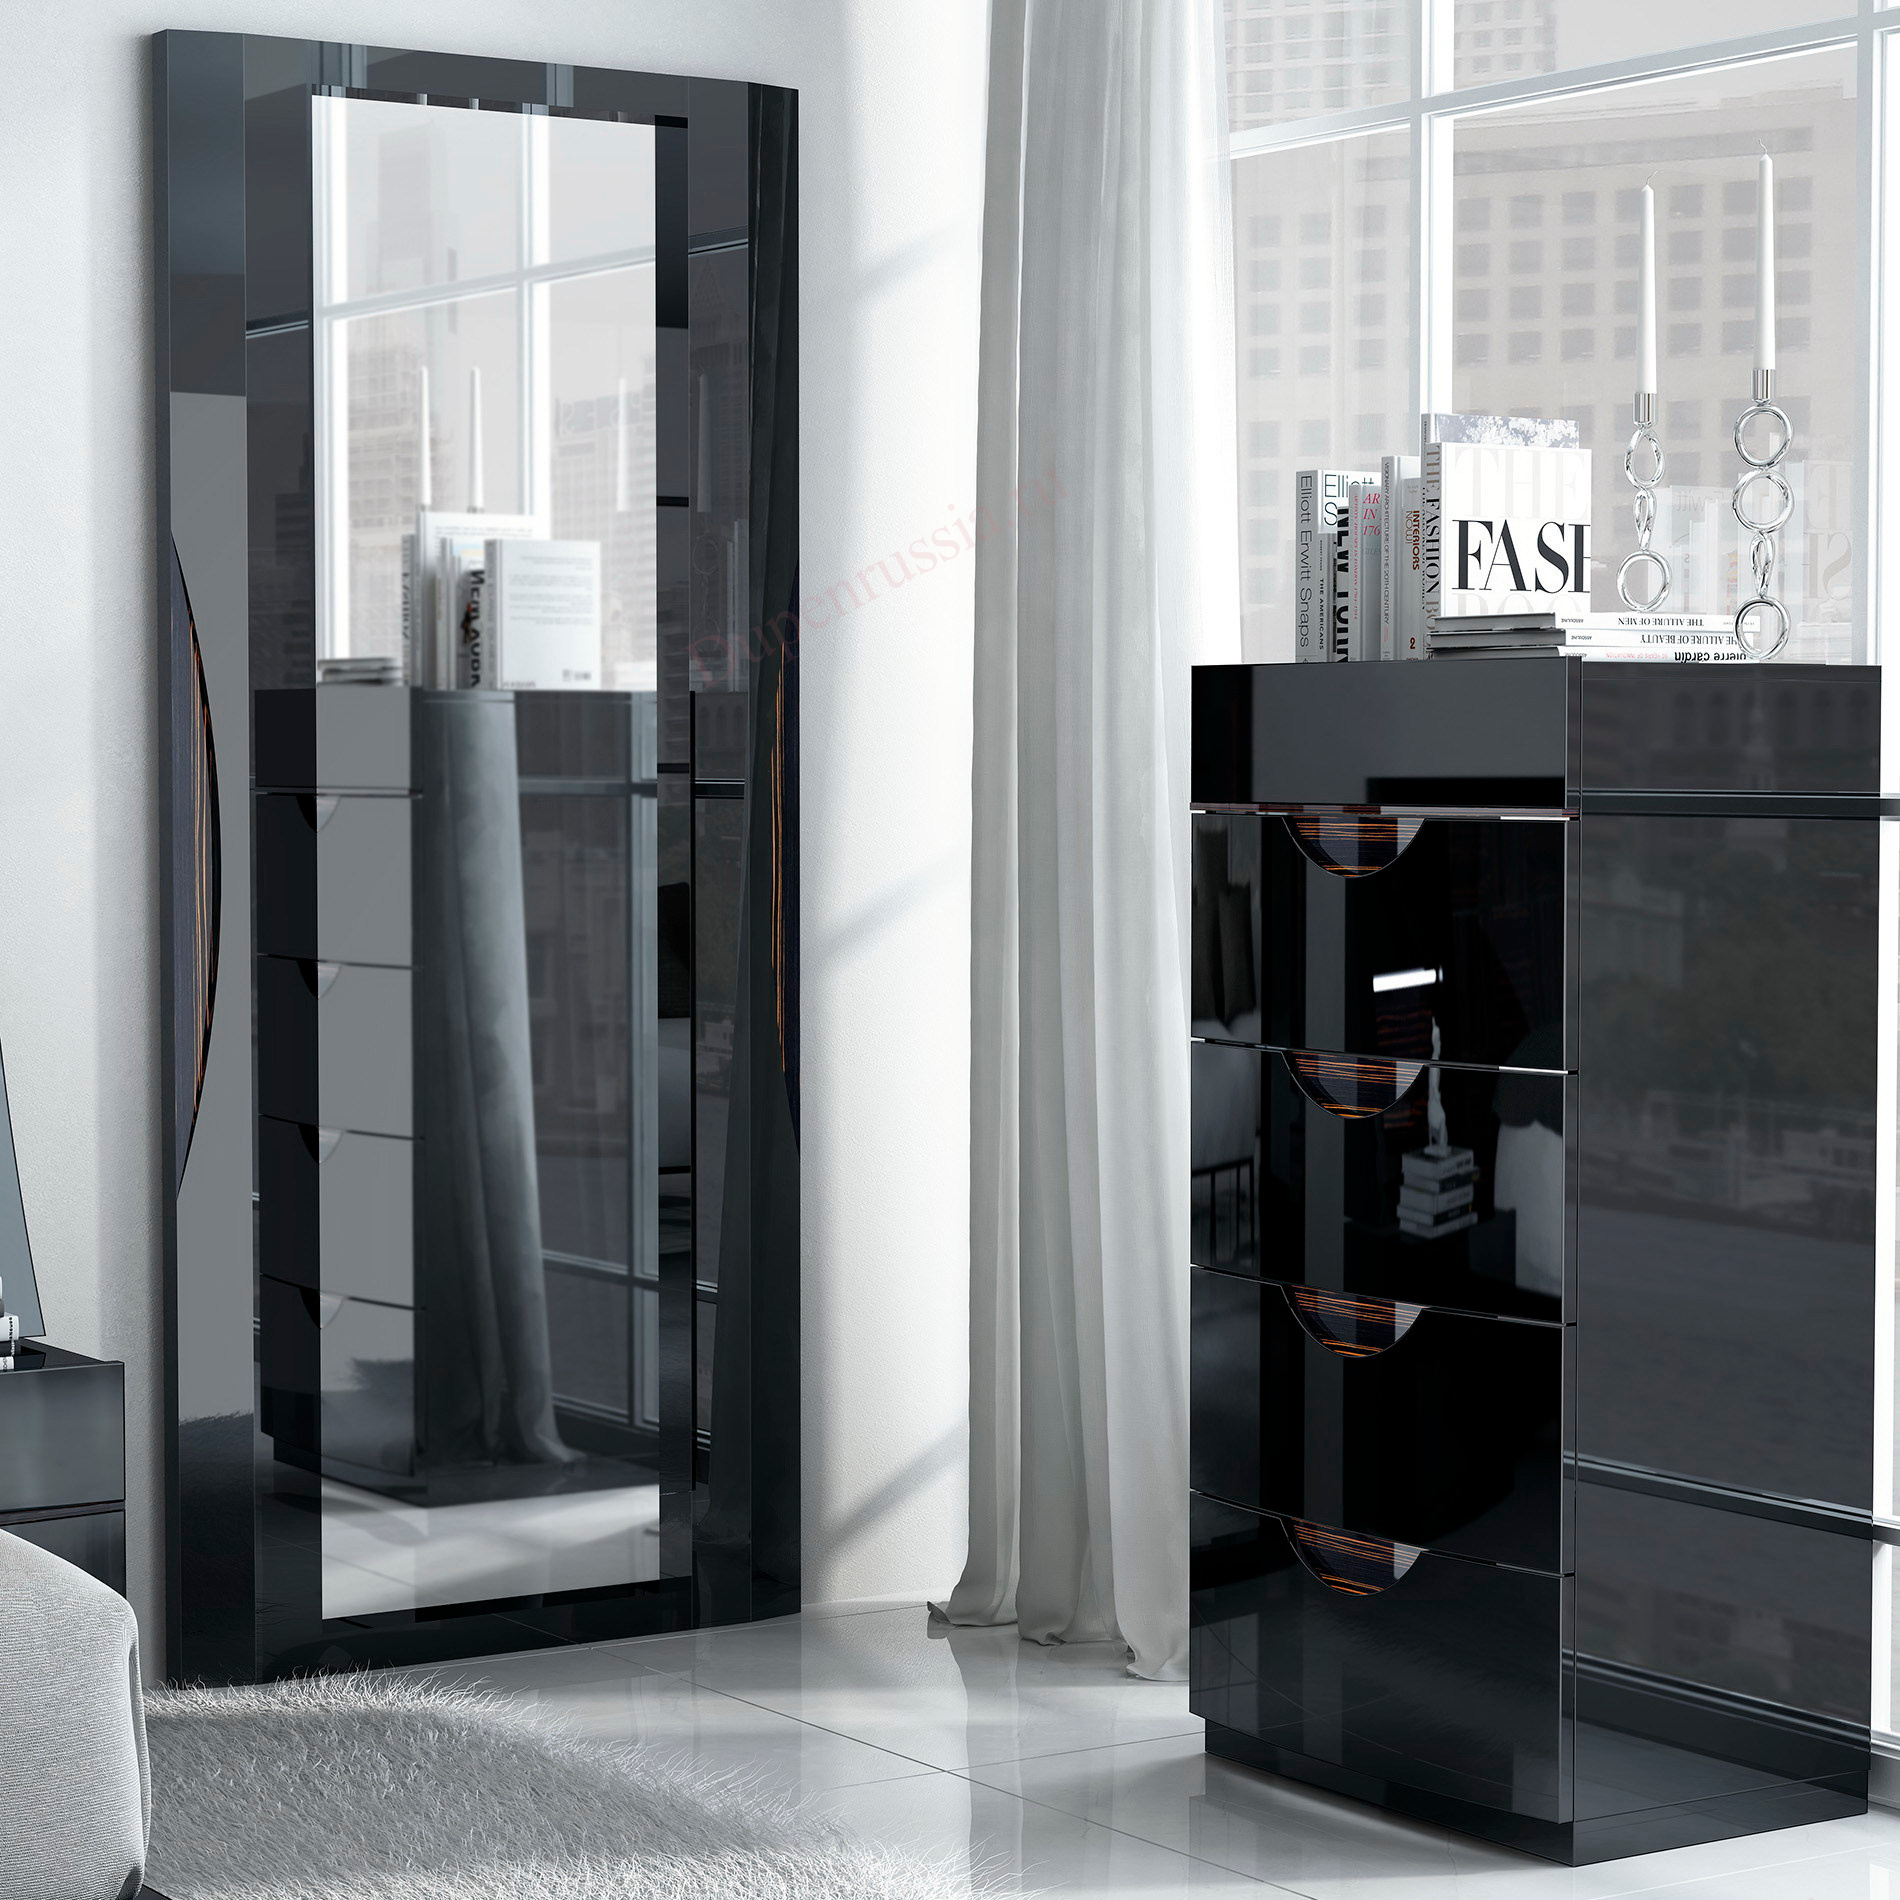 Зеркало FENICIA 5103 MARBELLA черный, Вертикальный комод FENICIA 3008